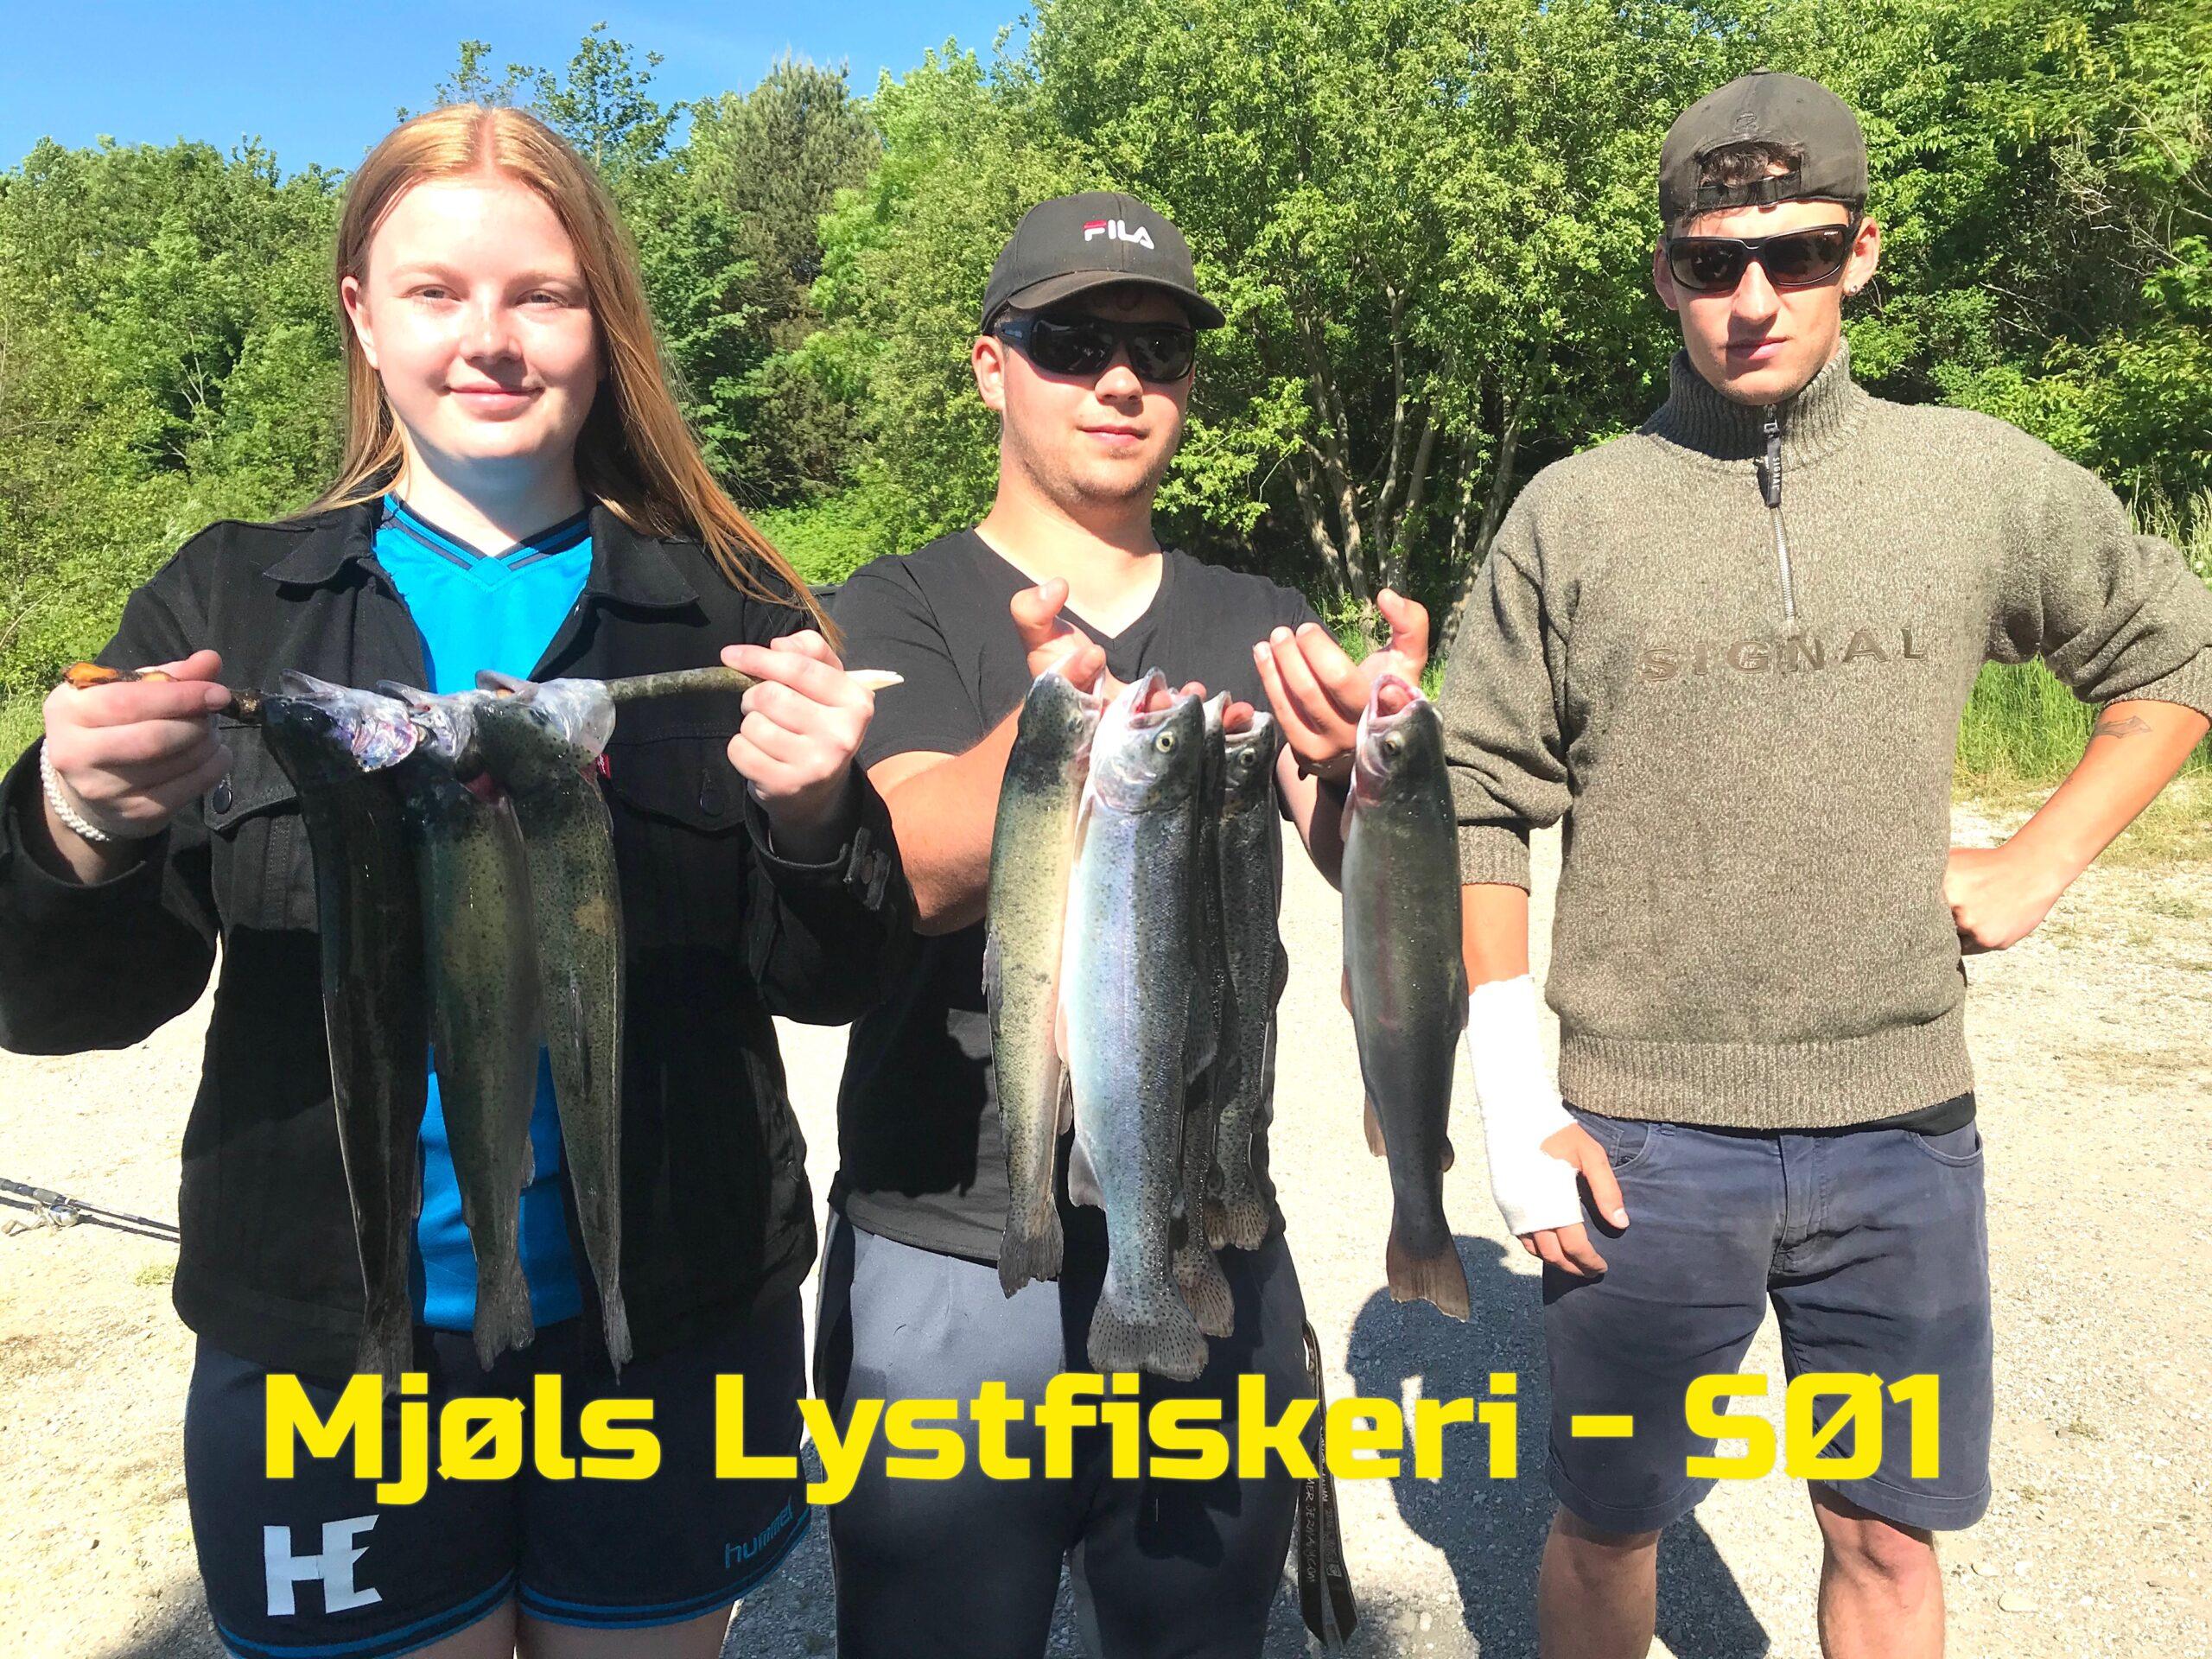 Mjøls Lystfiskeri – De fanger ørreder i Pinsen